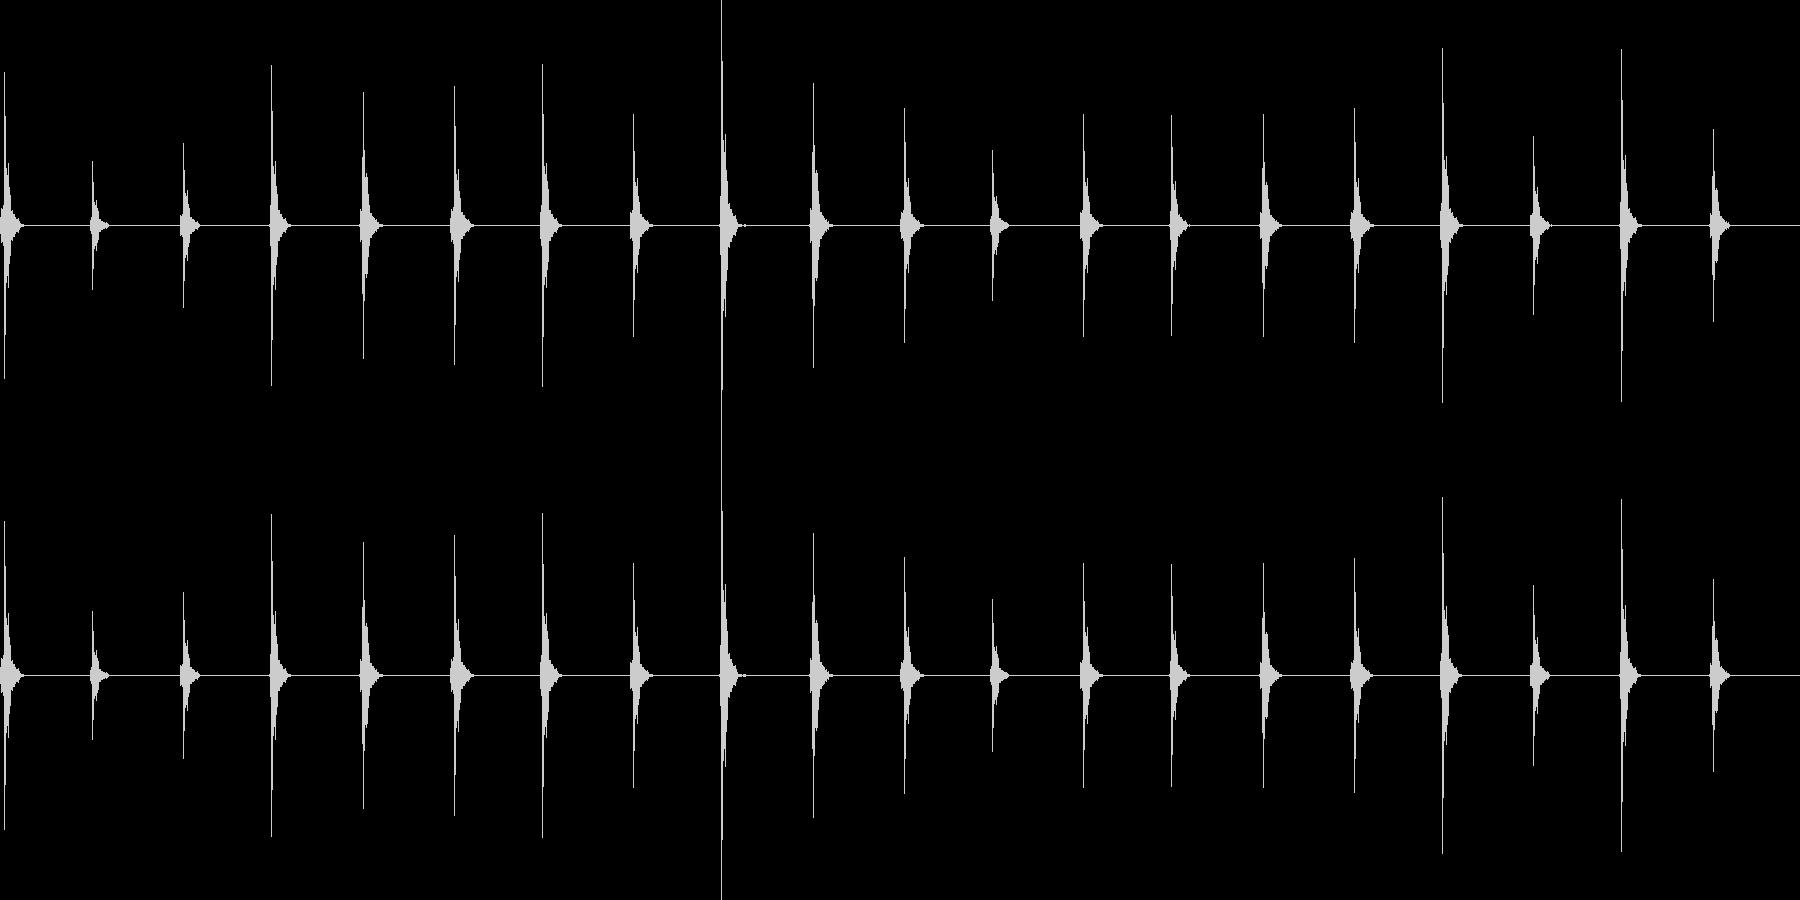 時計の音 自然音を使用 わかりやすいの未再生の波形